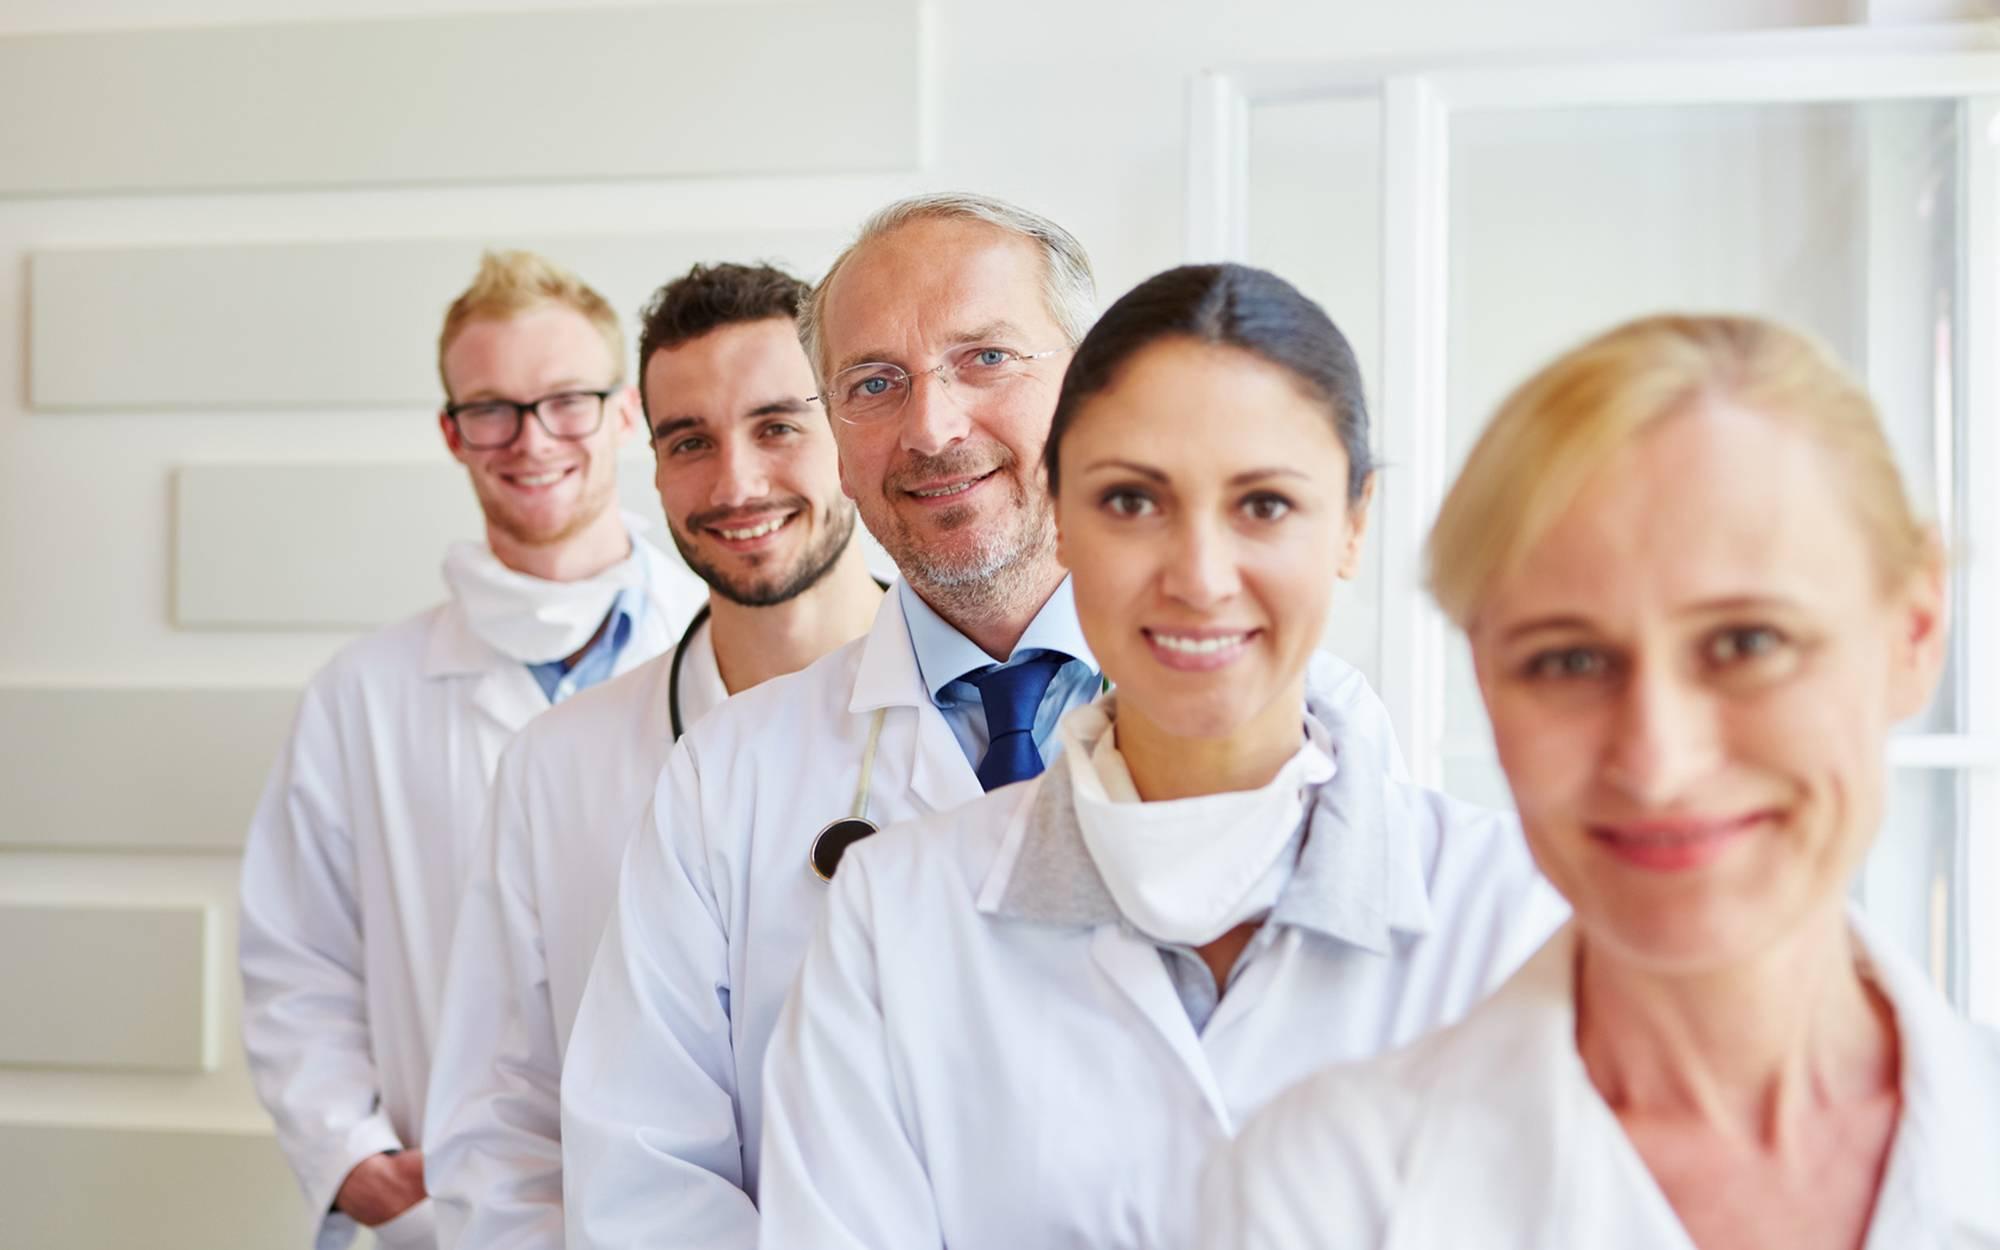 Mediziner-und-Heilpraktiker